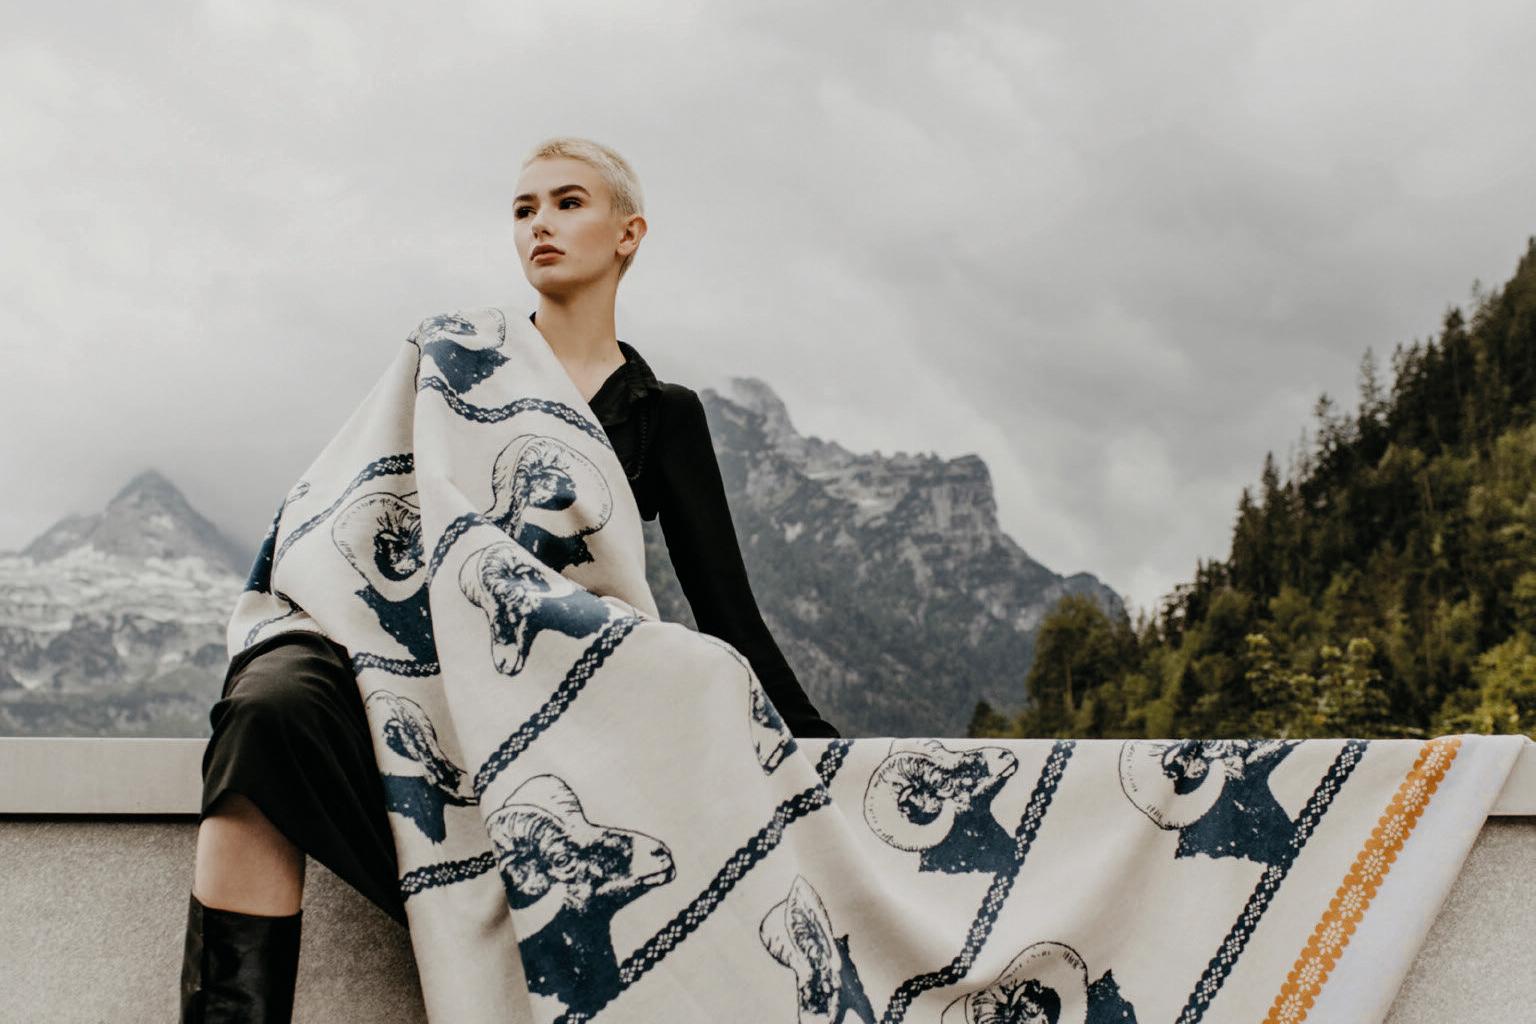 Der Berg ruft – Capricorn-Decke von PAD